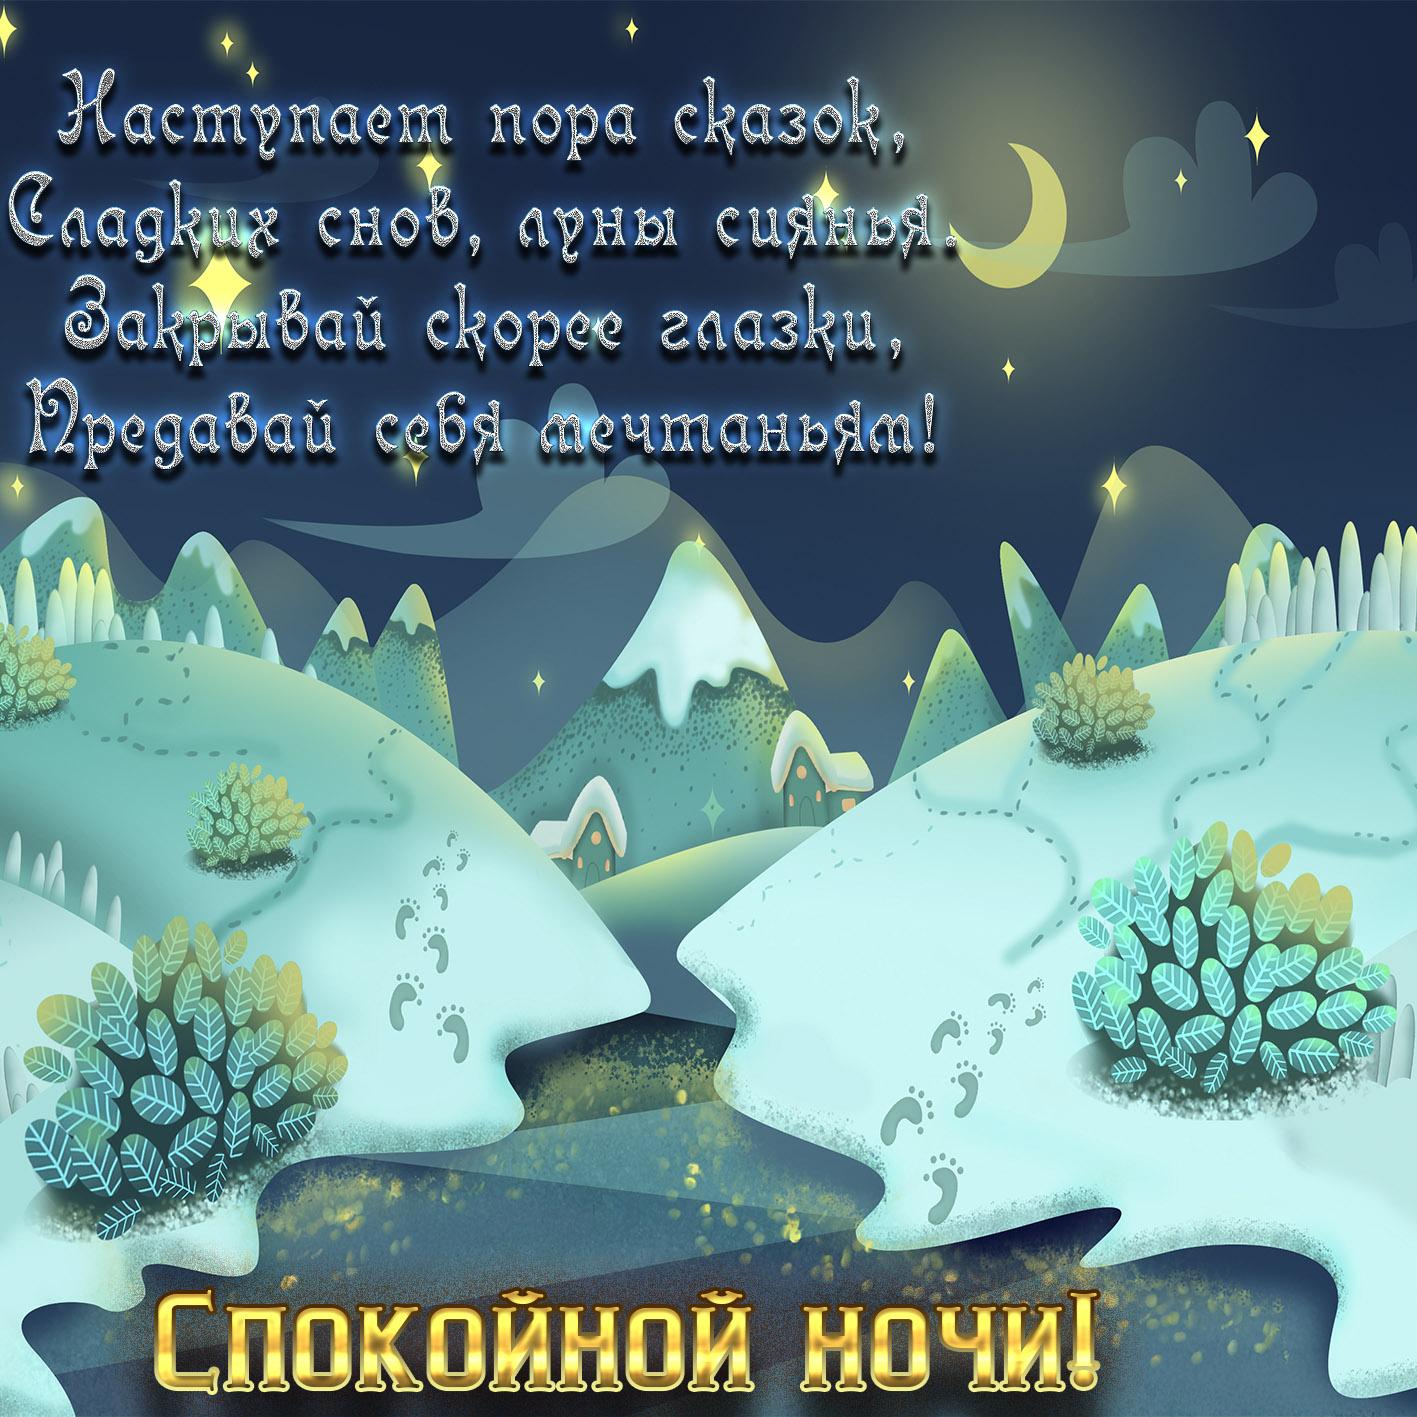 Спокойной ночи смешные пожелания картинки прикольные зимние воскресные, сестре днем рождения